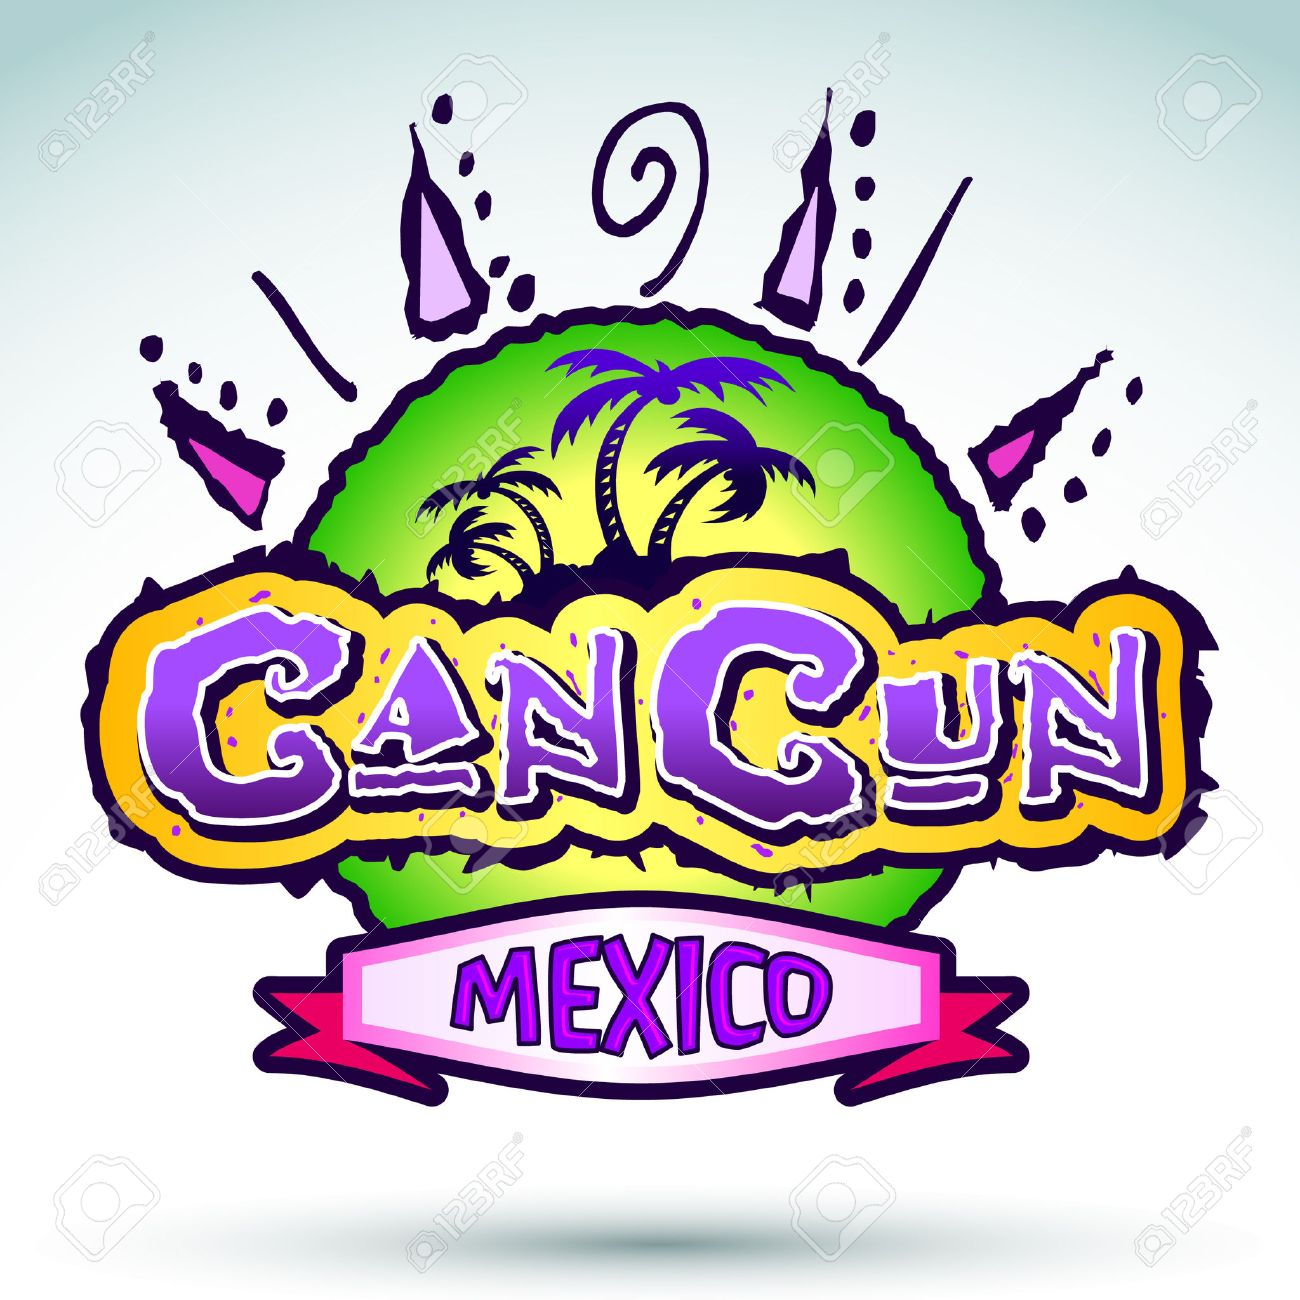 Cancun Mexico Vector Badge Emblem Royalty Free Cliparts Vectors